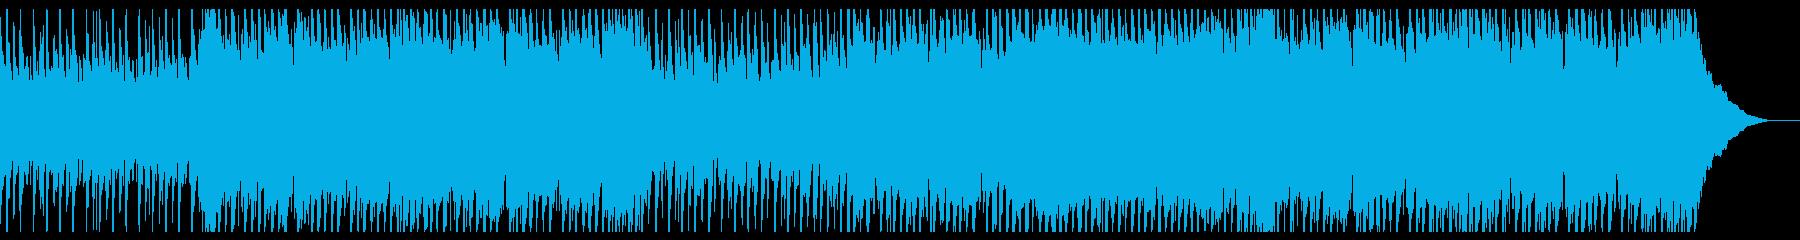 明るくポジティブなポップロックの再生済みの波形